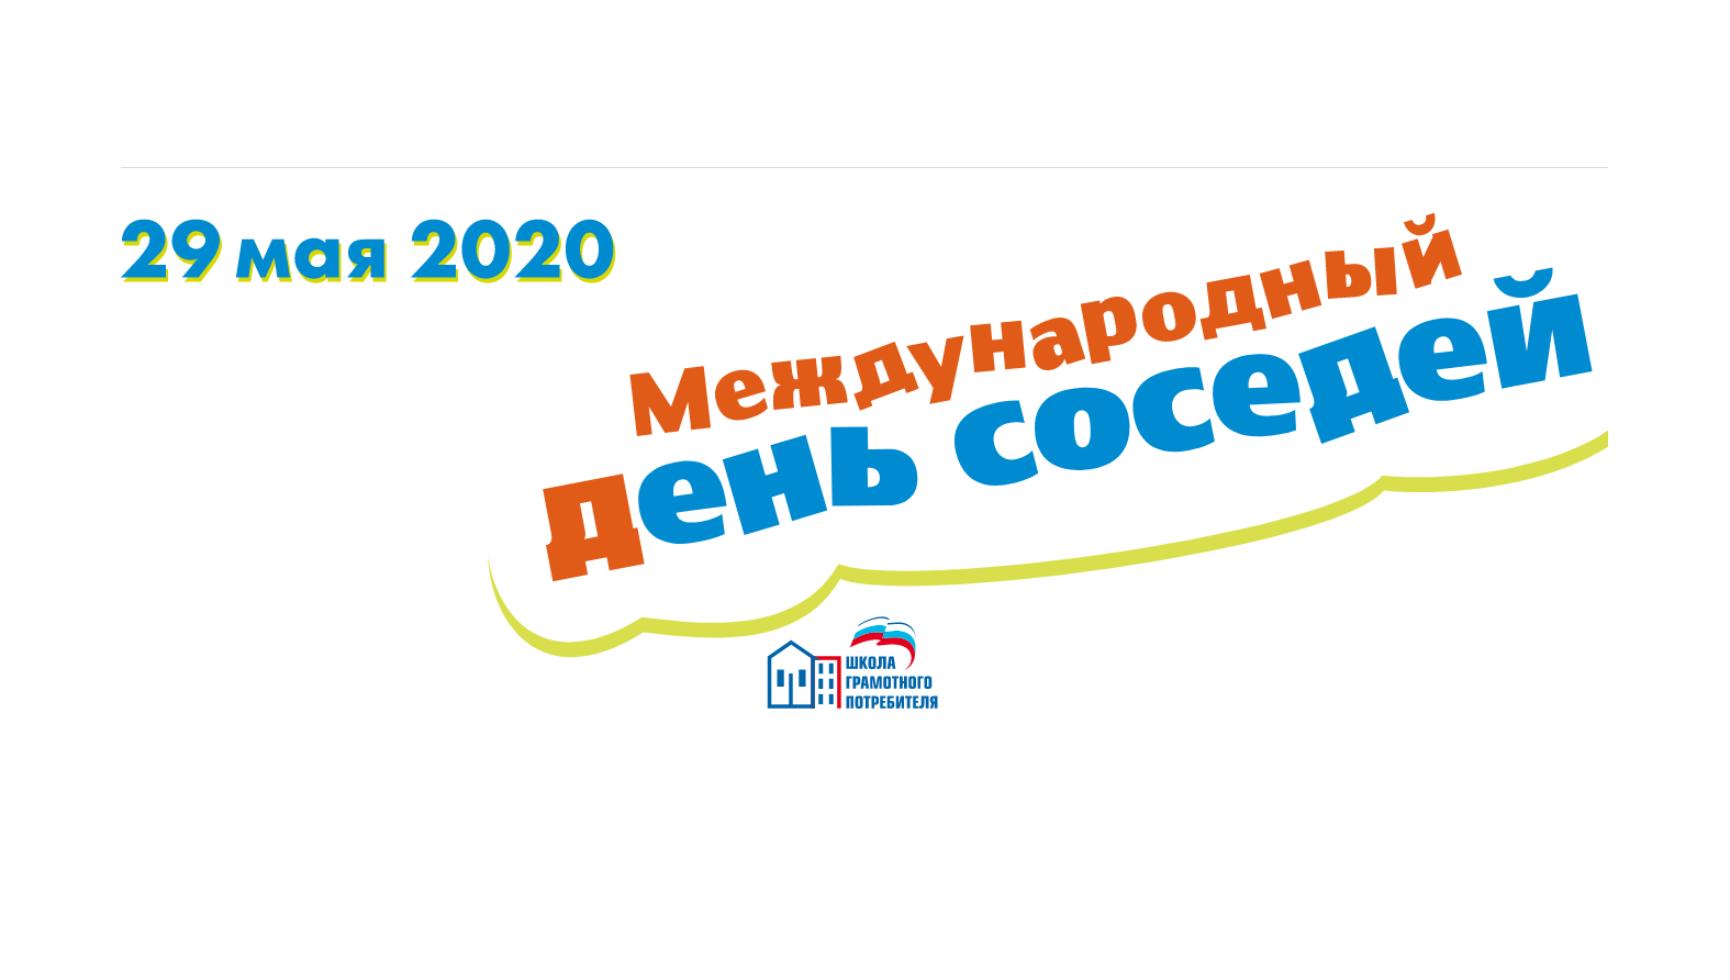 «Международный день соседей» 2020. Присоединяйтесь!